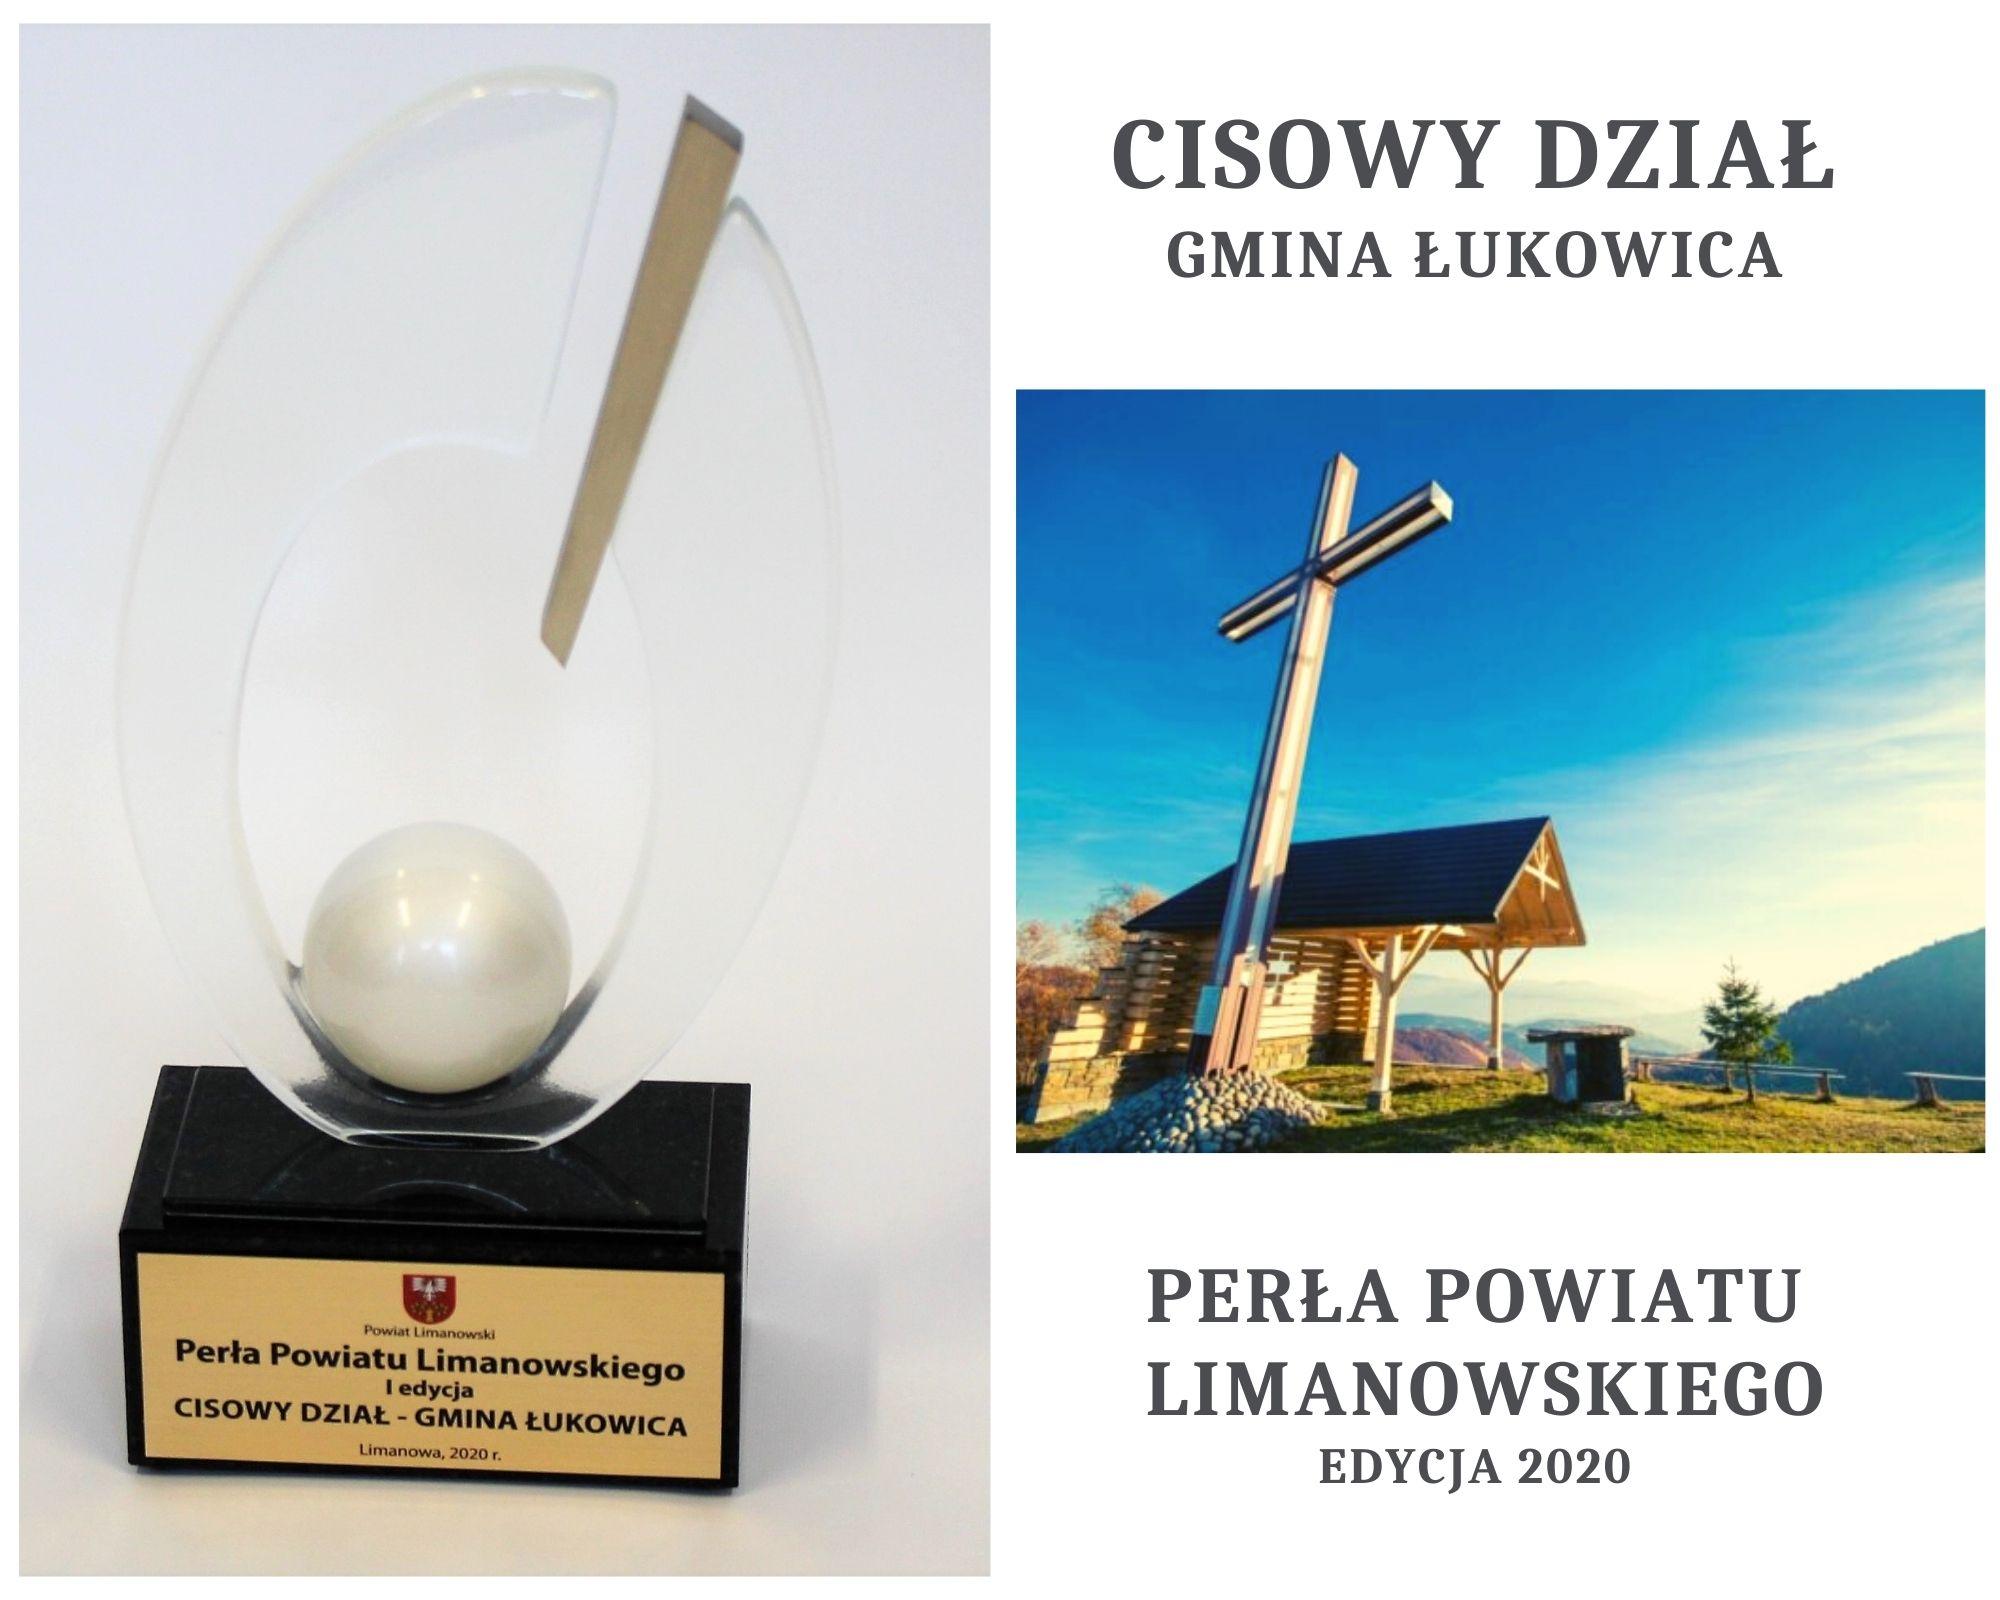 Cisowy Dział - Perła Powiatu Limnaowskiego Edycja 2020